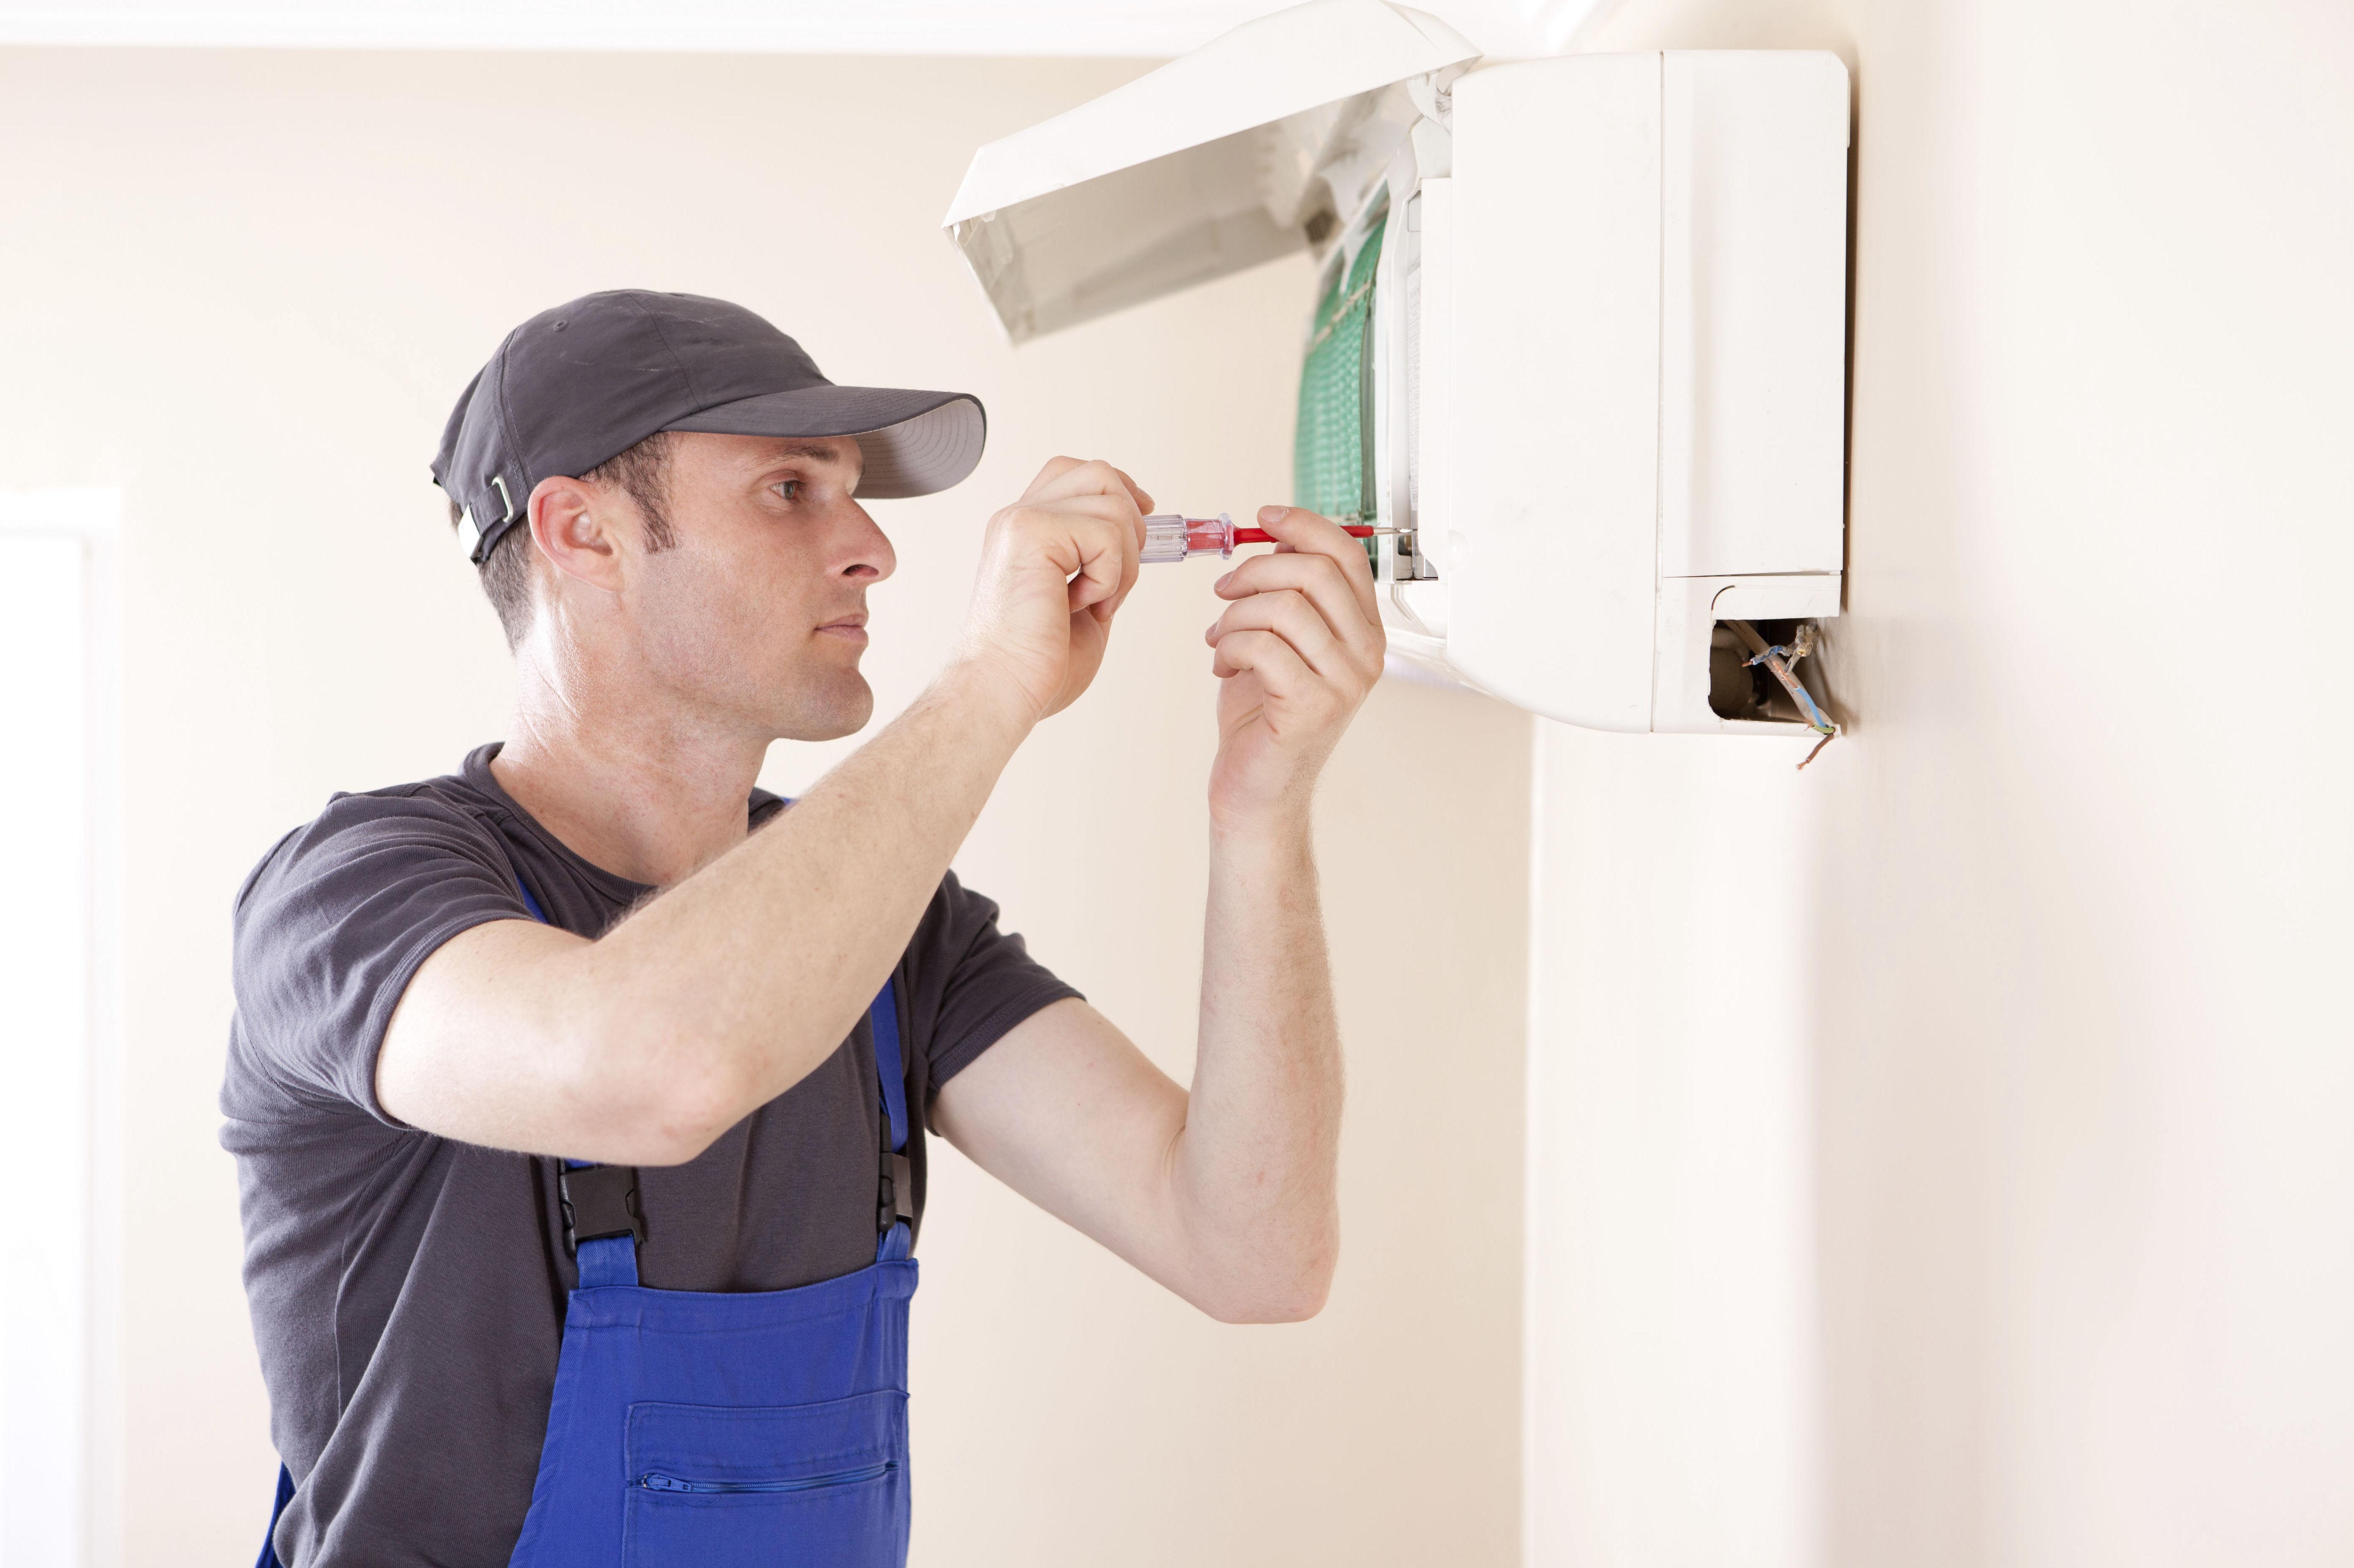 Reparaci n y mantenimiento de aires acondicionados for Reparacion aire acondicionado zaragoza